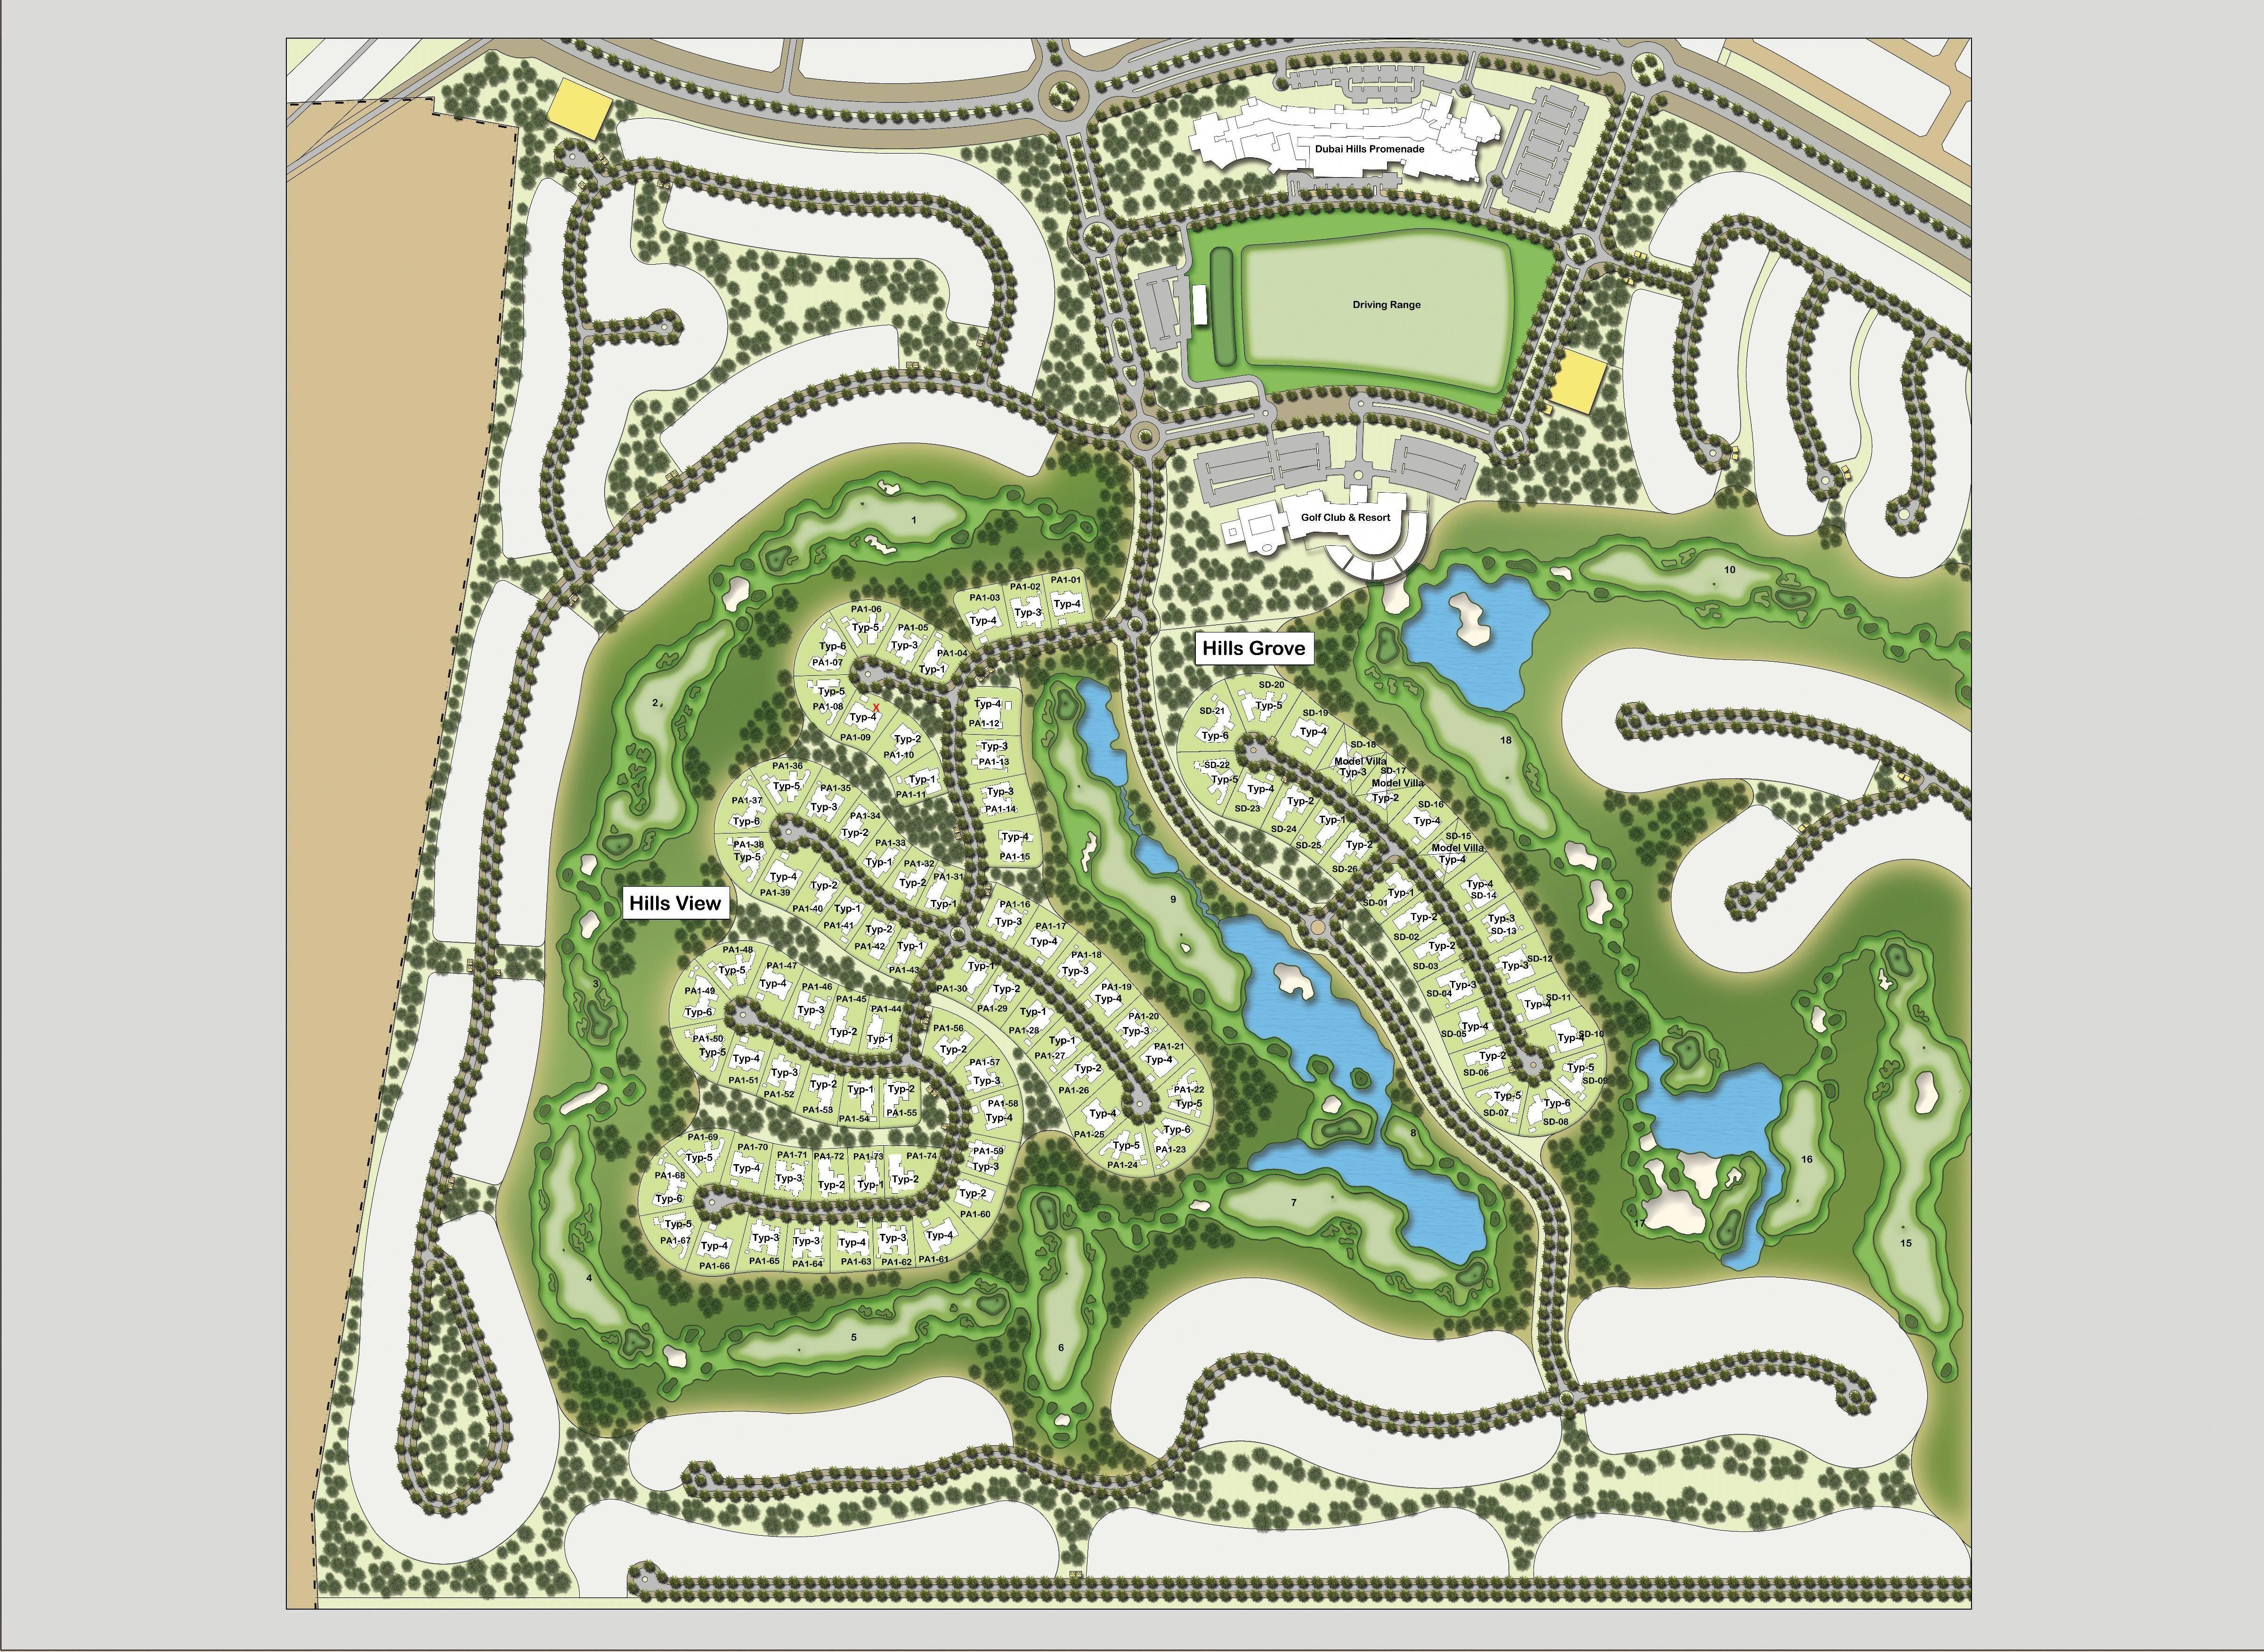 1e91f029c2cdd9d51fbedcde0a647ad0 - Golf Gardens Abu Dhabi Location Map